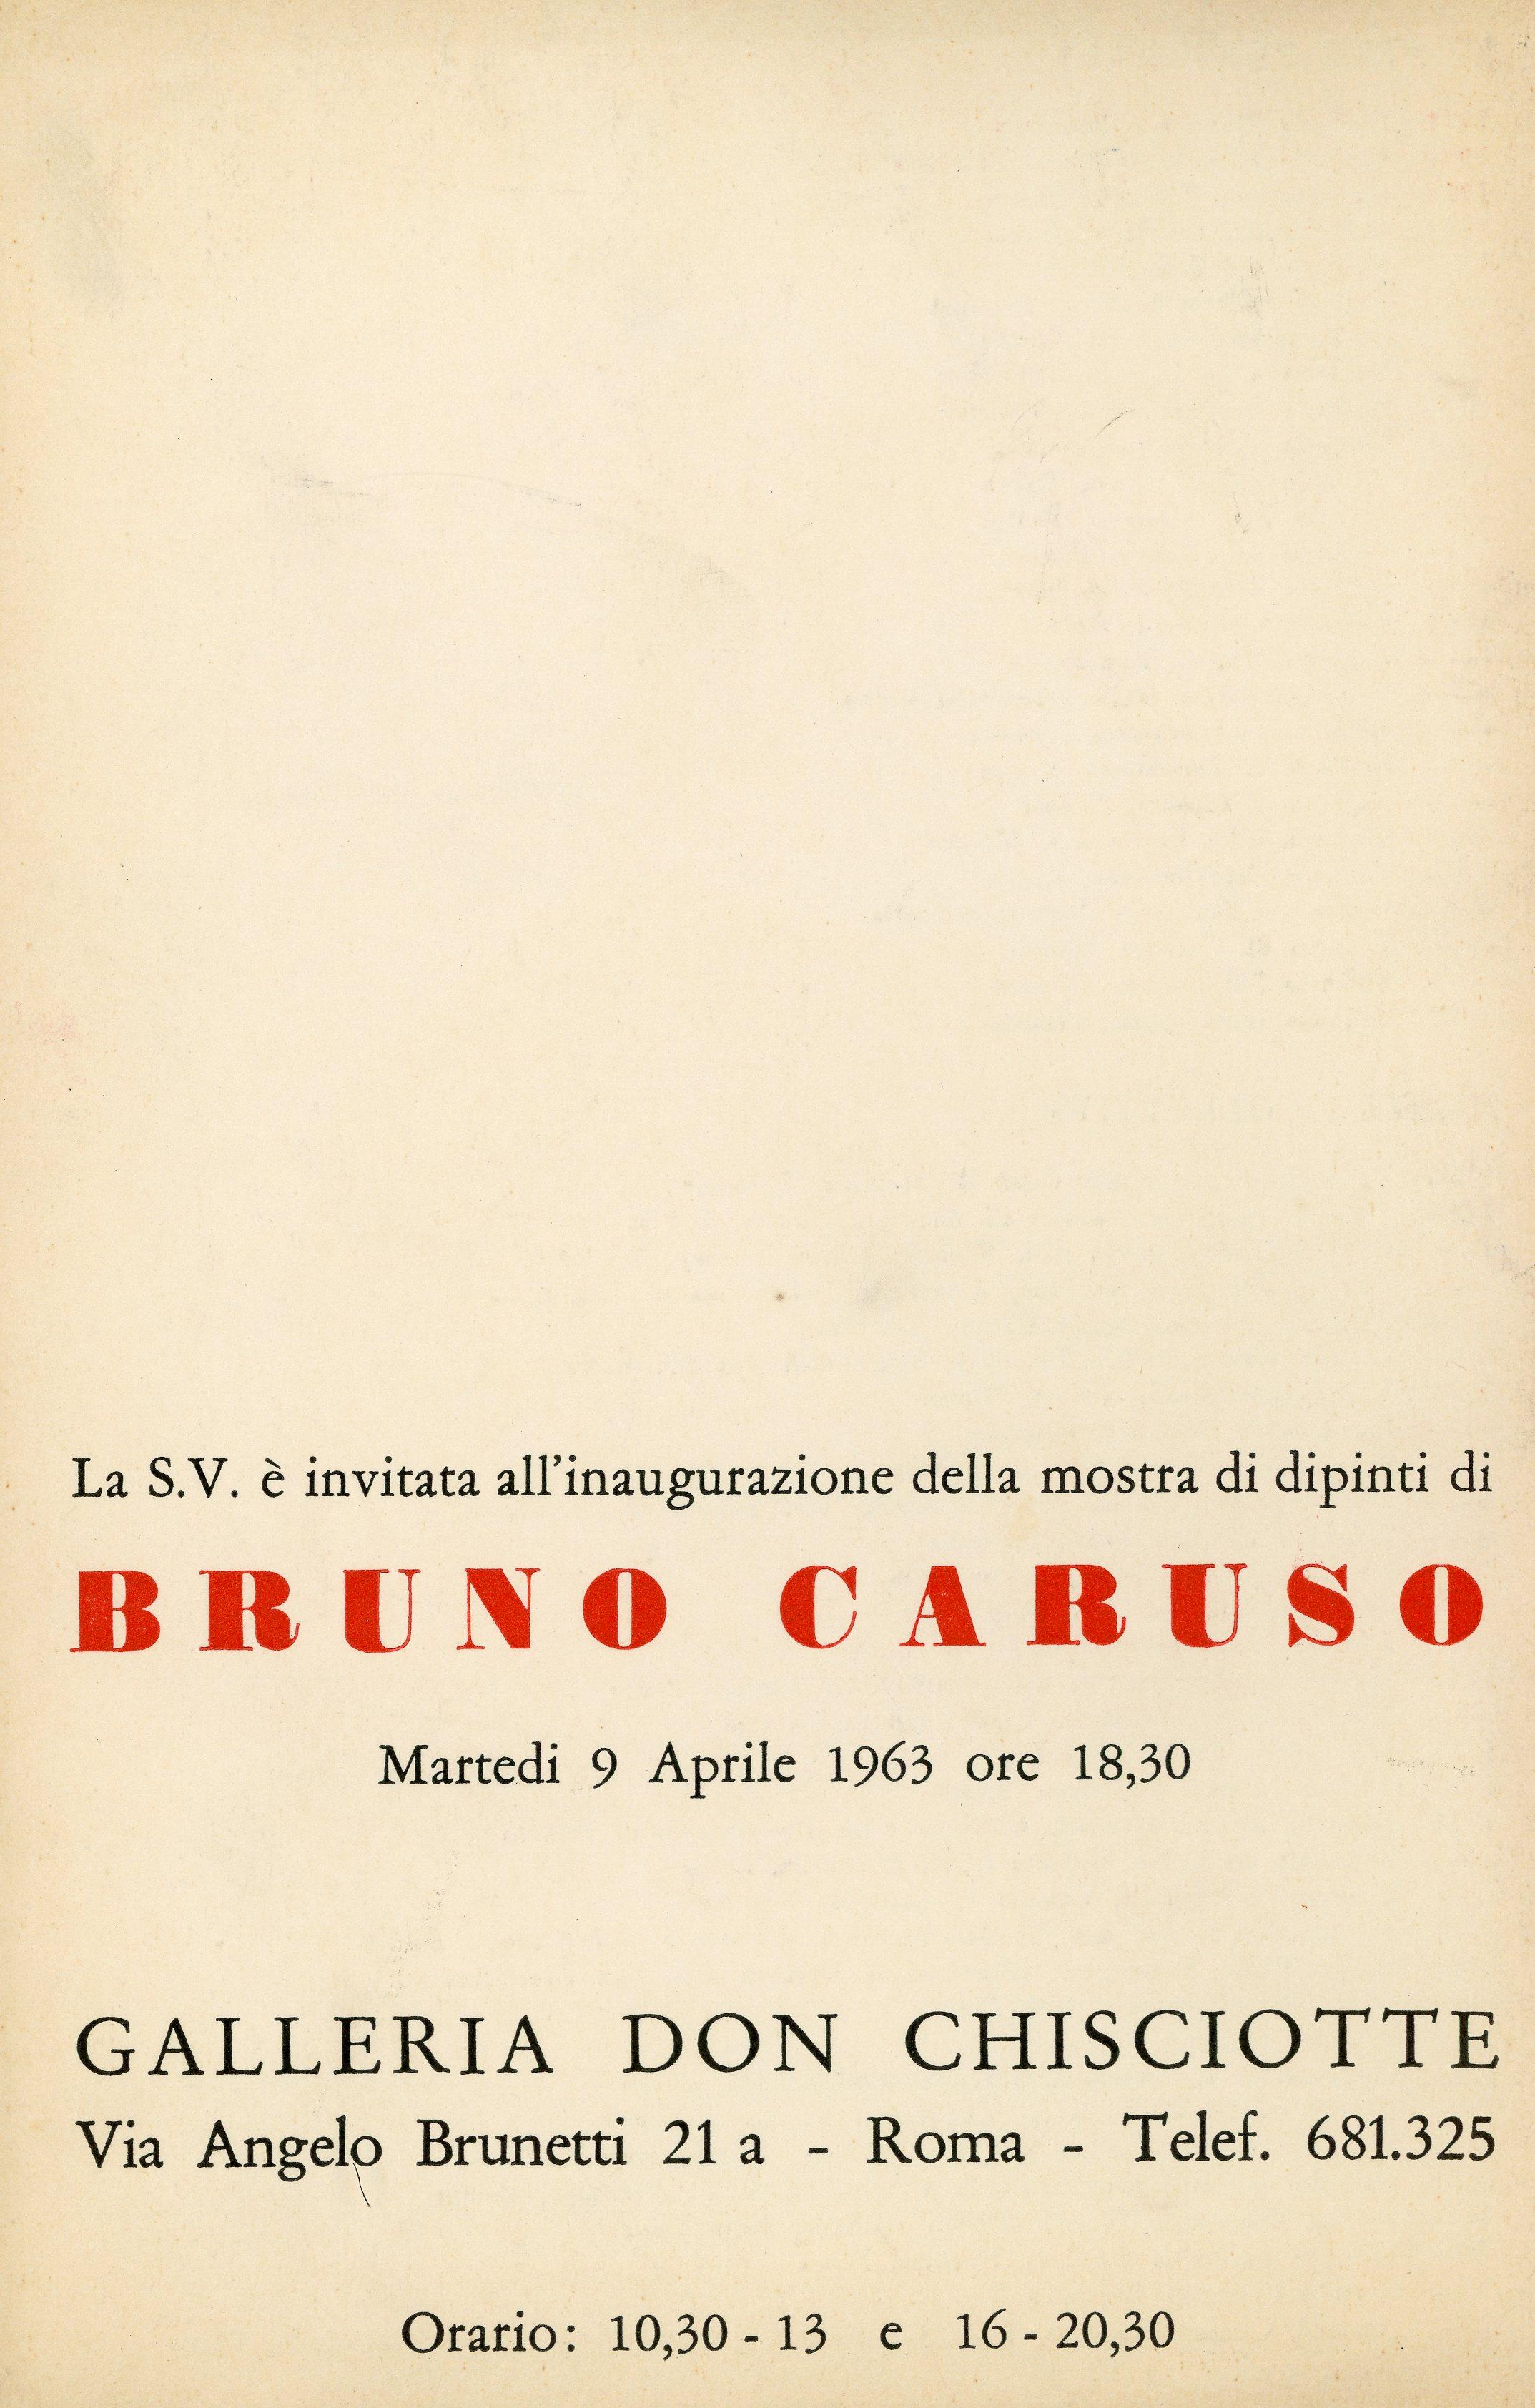 1963-03 Galleria don Chisciotte - Bruno Caruso_11.jpg